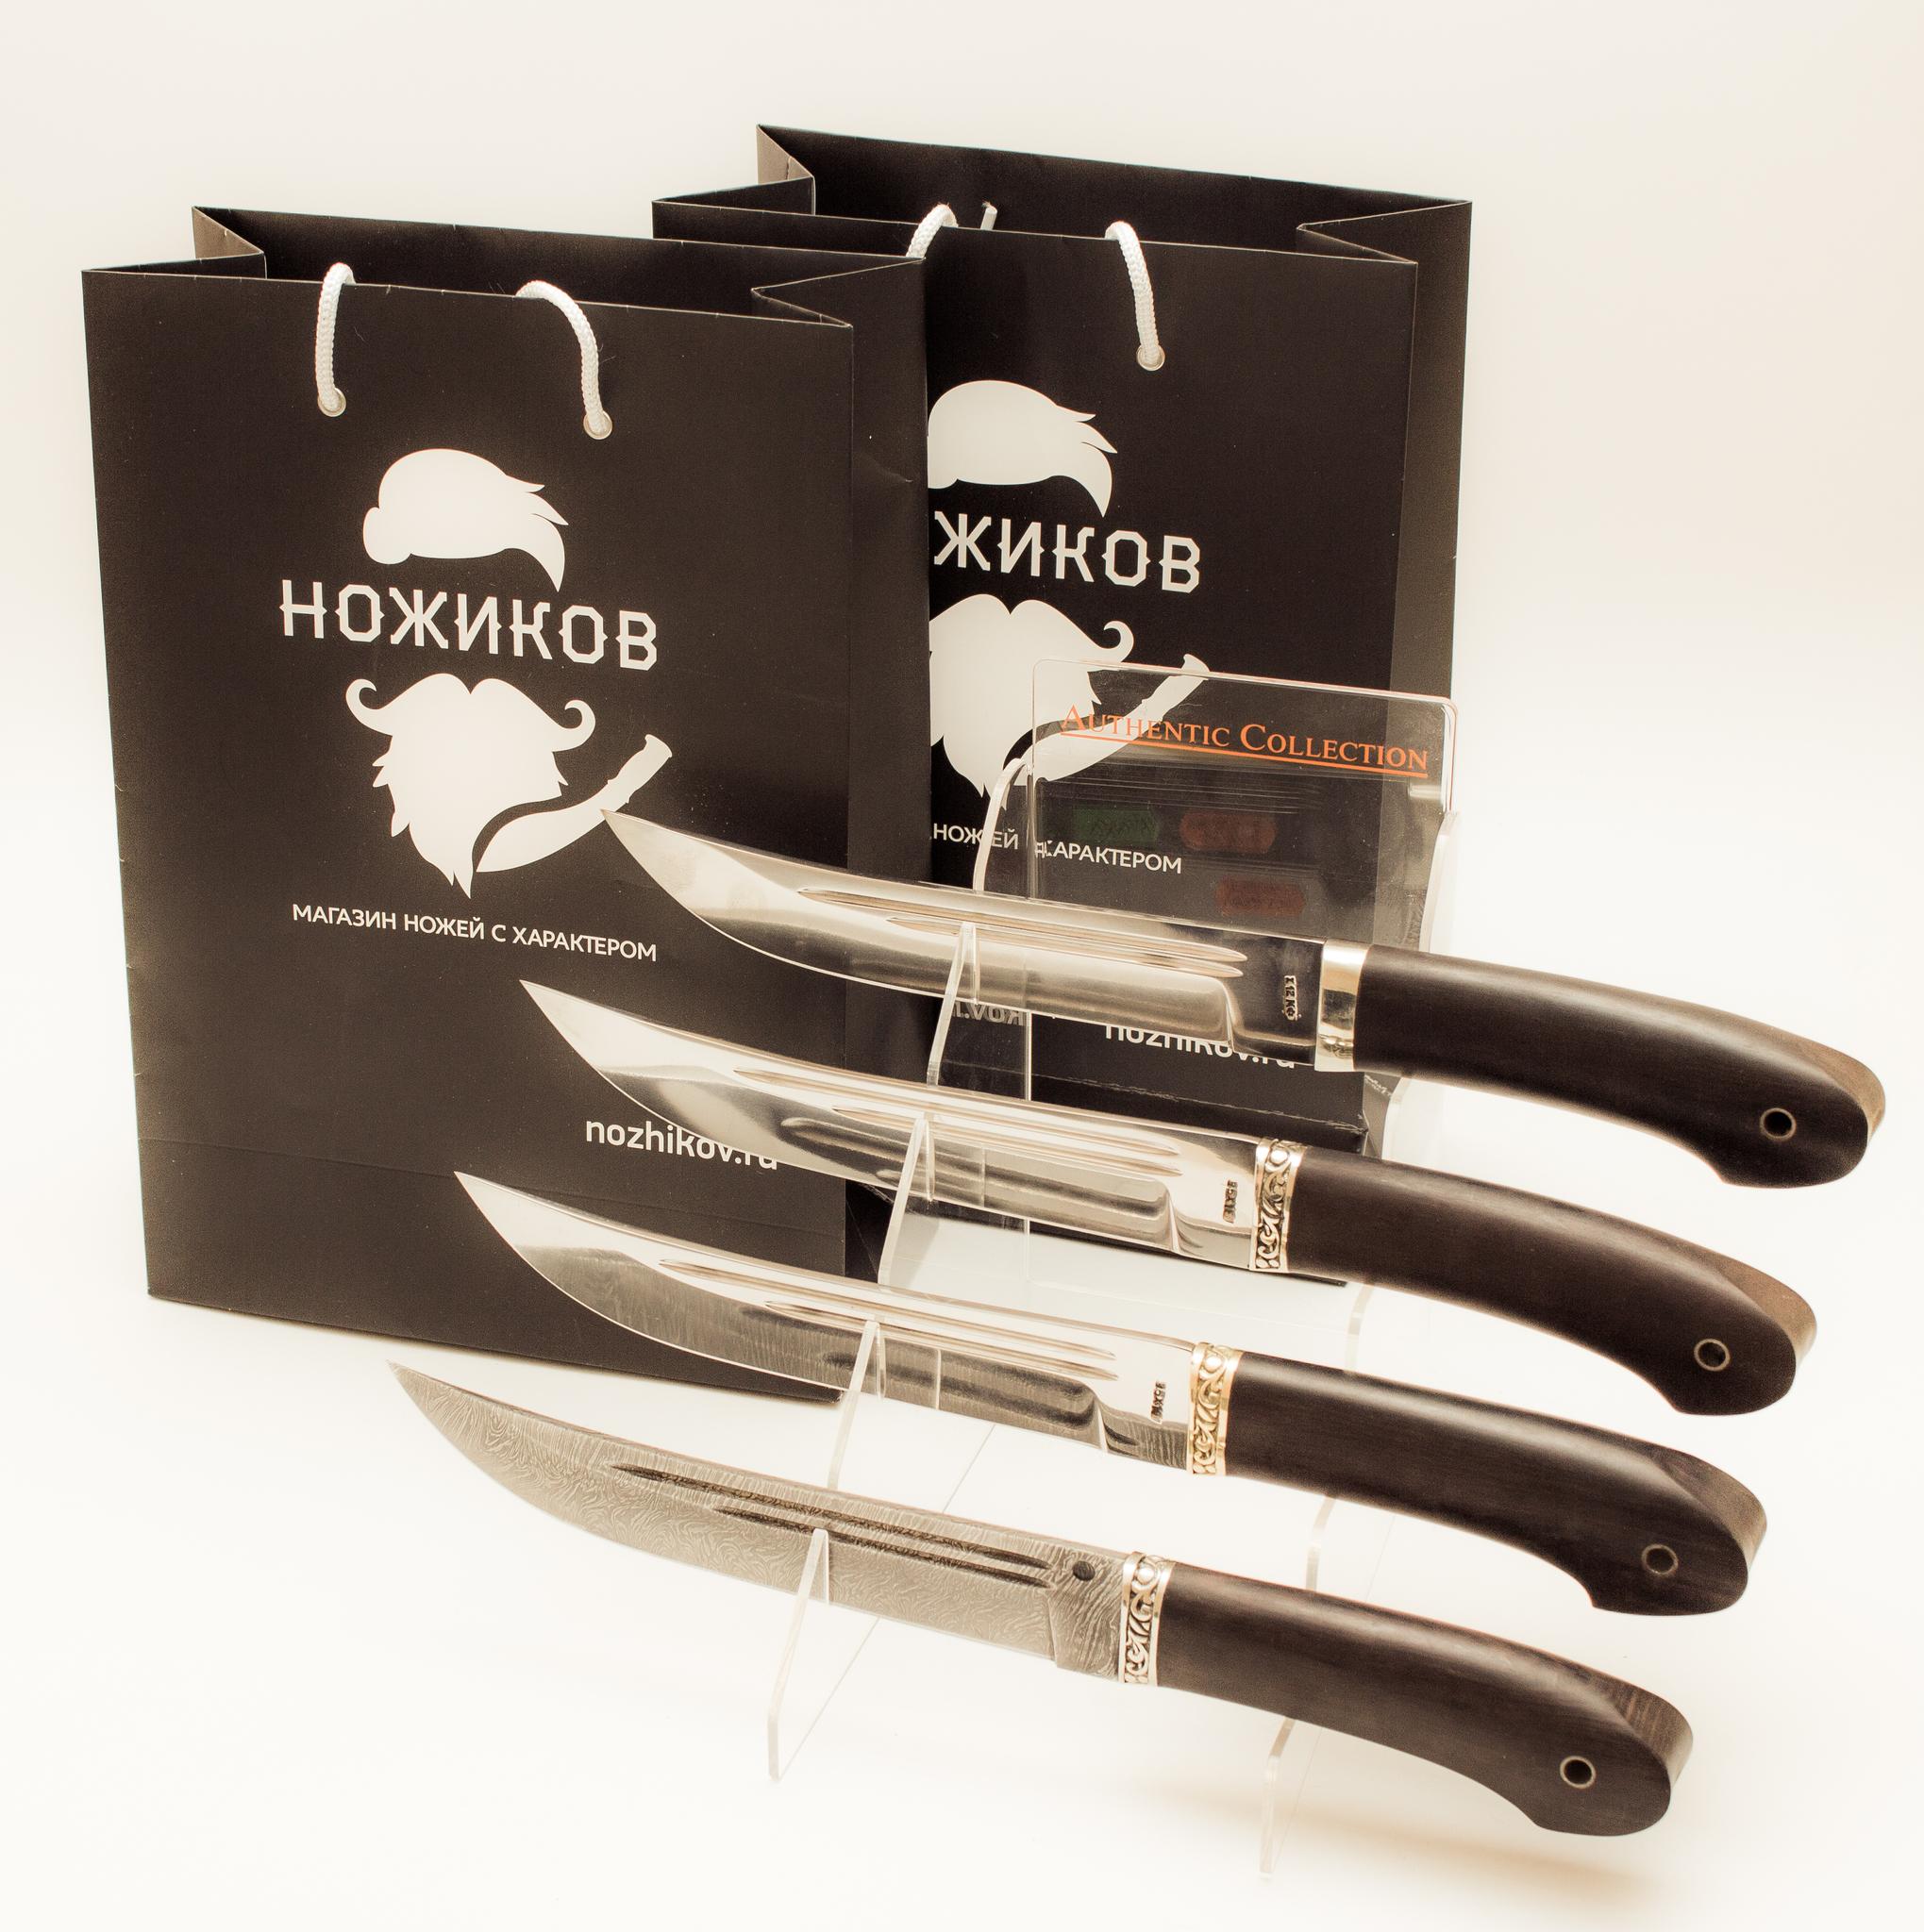 Фото 4 - Подарочный пакет от Nozhikov